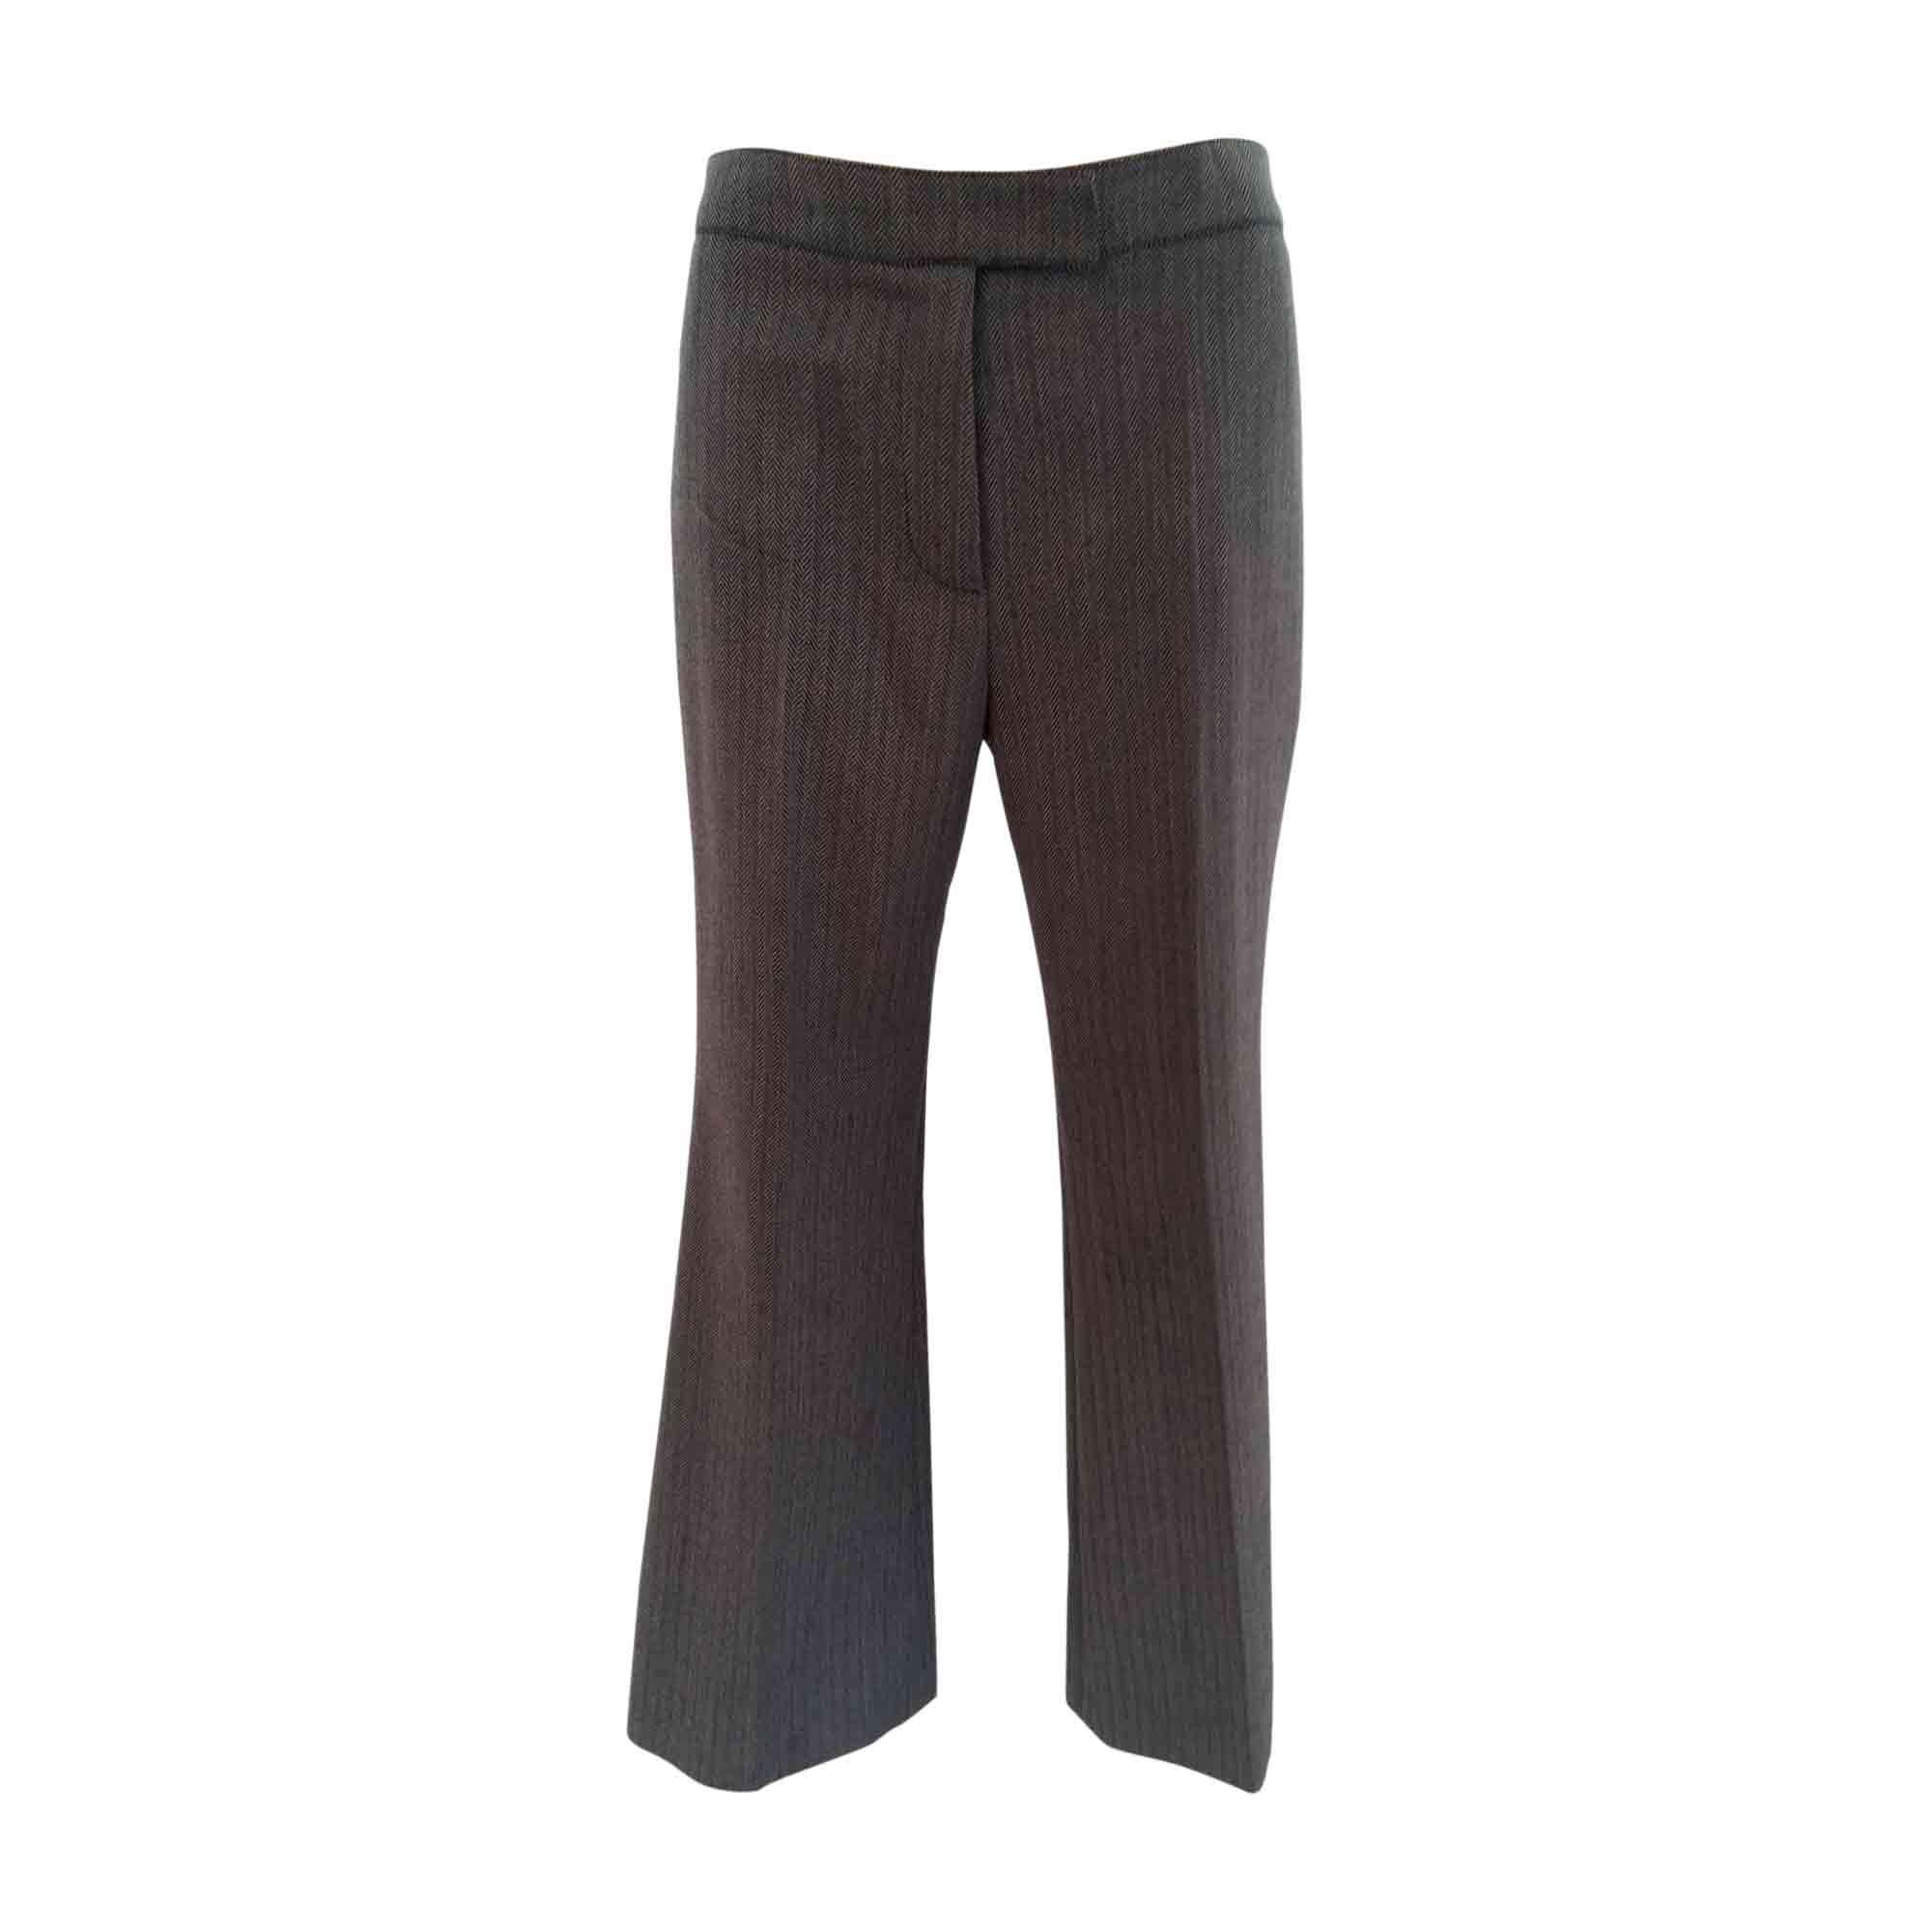 Pantalon droit CHLOÉ Gris, anthracite